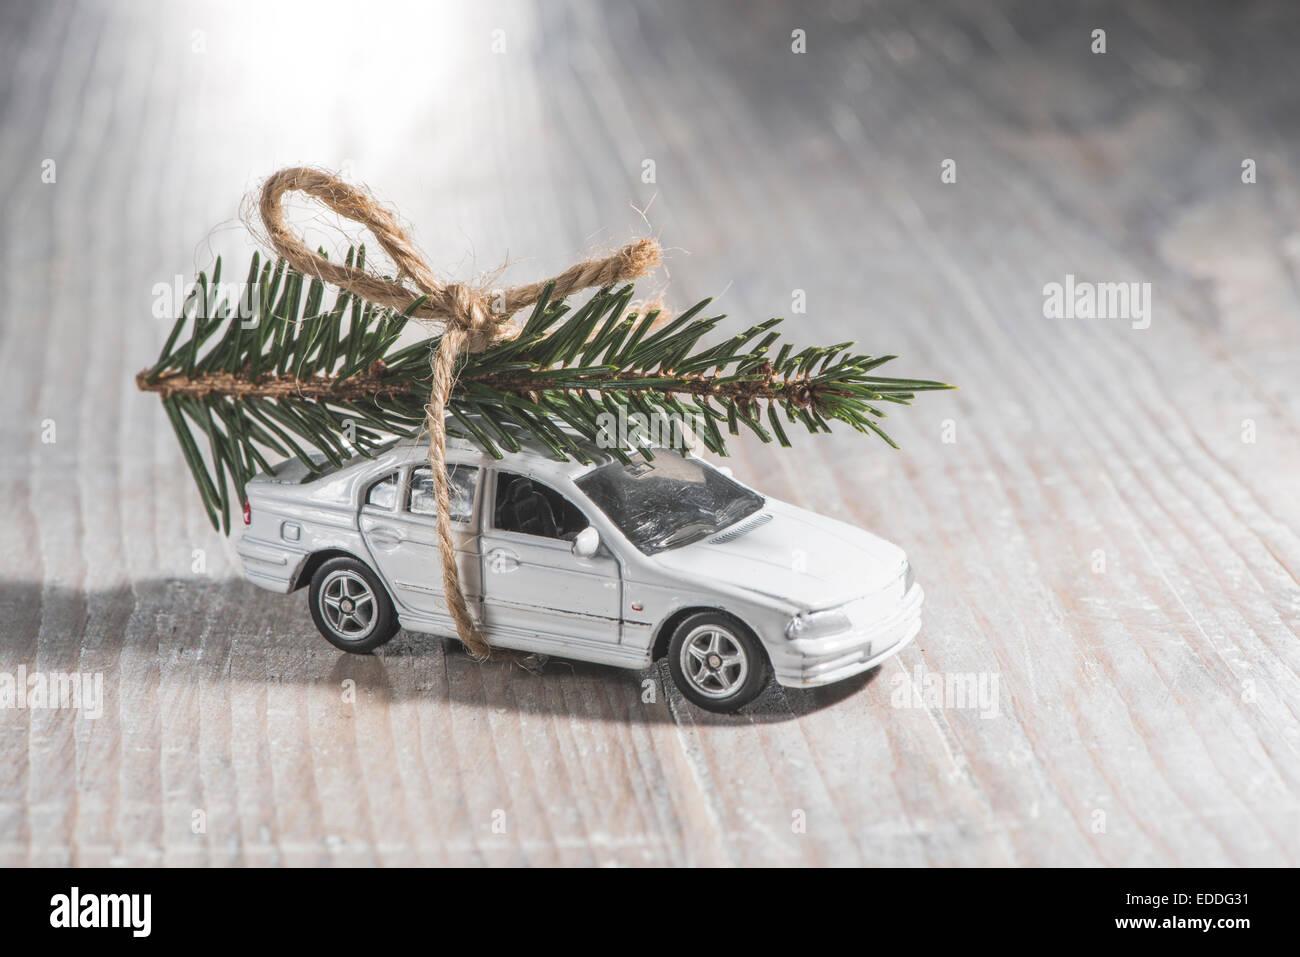 Weißes Auto Spielzeug mit Weihnachtsbaum auf Dach Stockbild